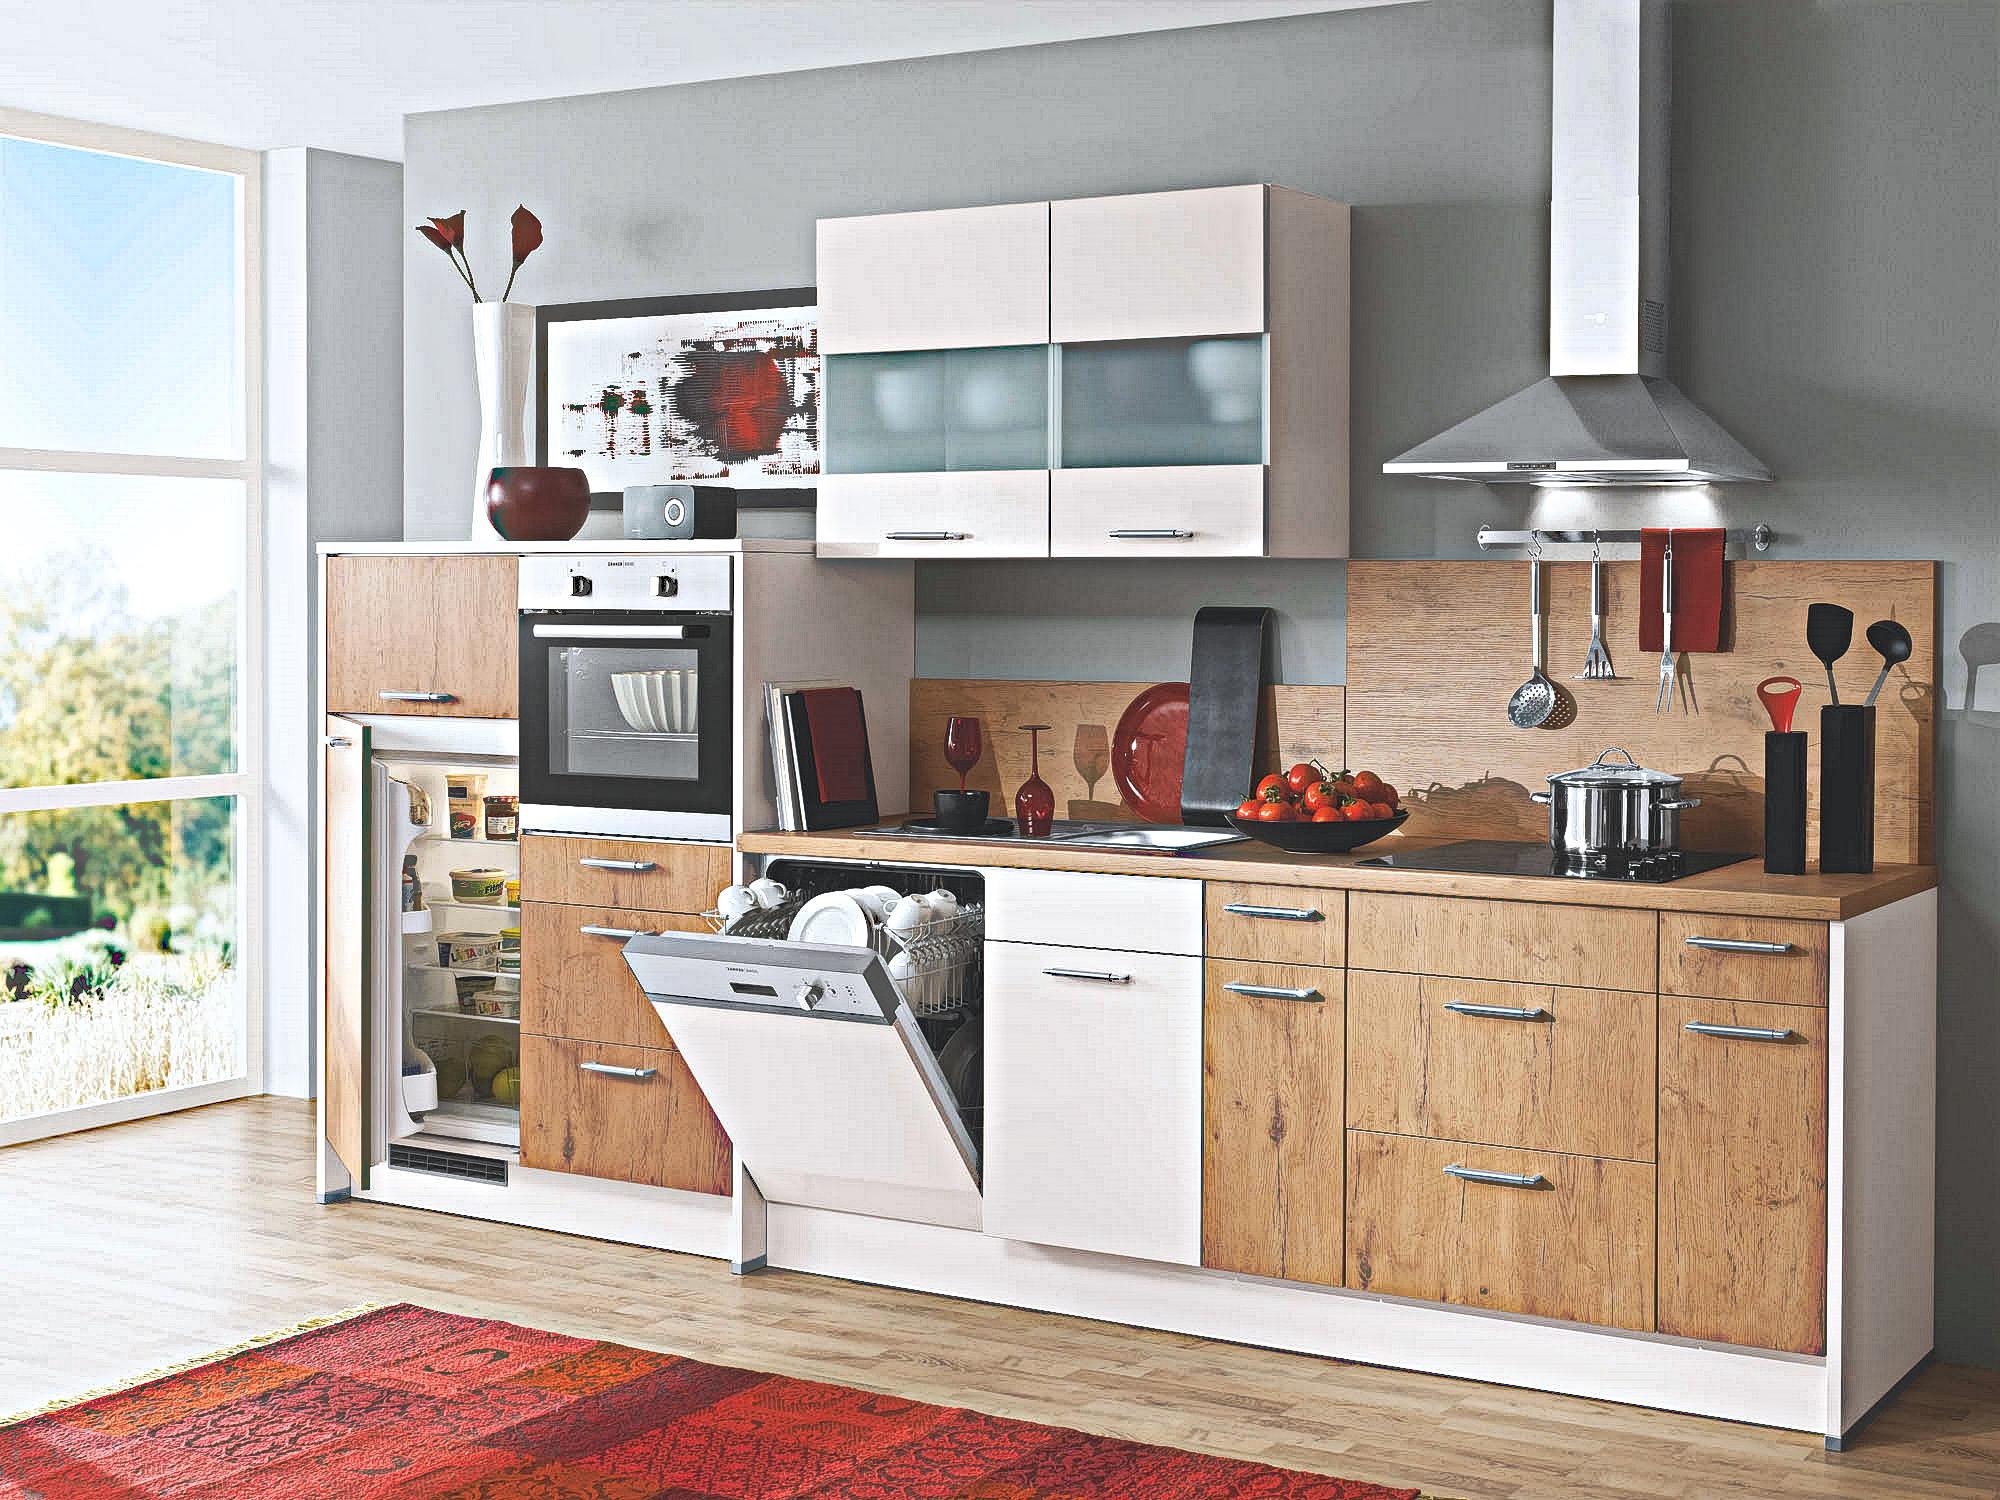 Full Size of Innovative Kchen The New Lightness In Furniture Construction Einbauküche Mit Elektrogeräten Küche Arbeitsplatte Günstig Betten Kaufen Holzregal Wandfliesen Wohnzimmer Kleine Küche Kaufen